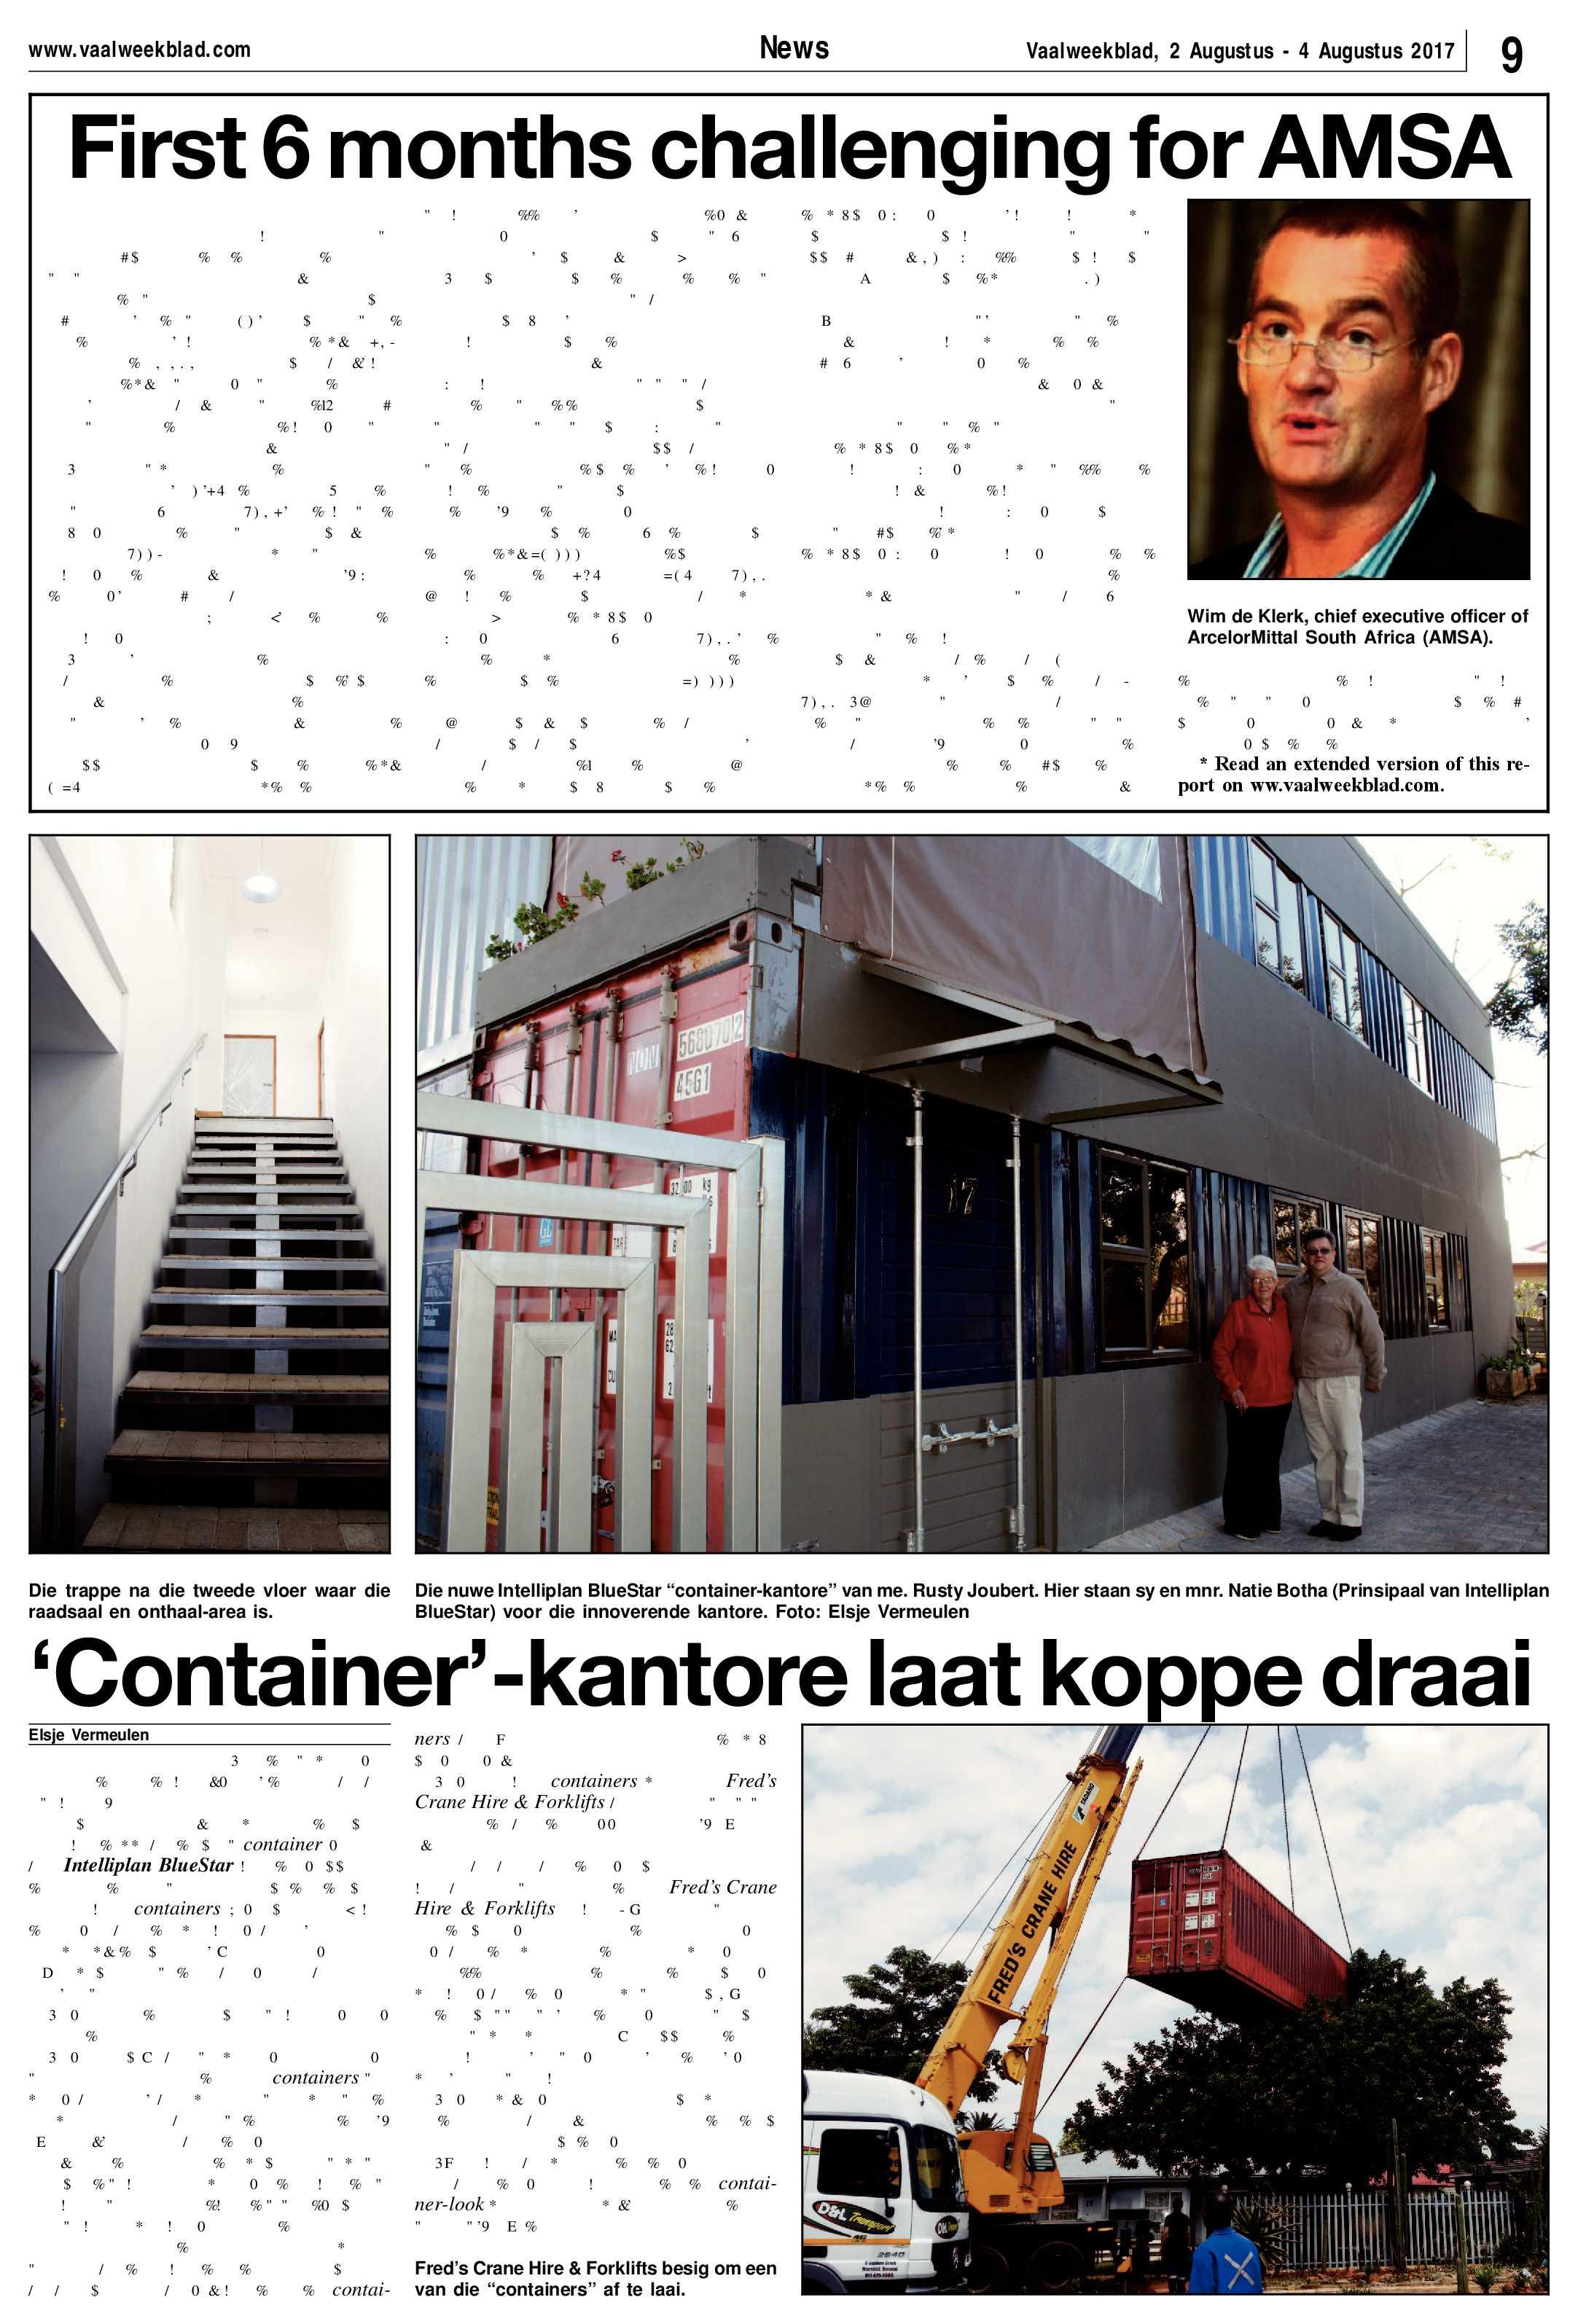 vaalweekblad-2-4-augustus-2017-epapers-page-9